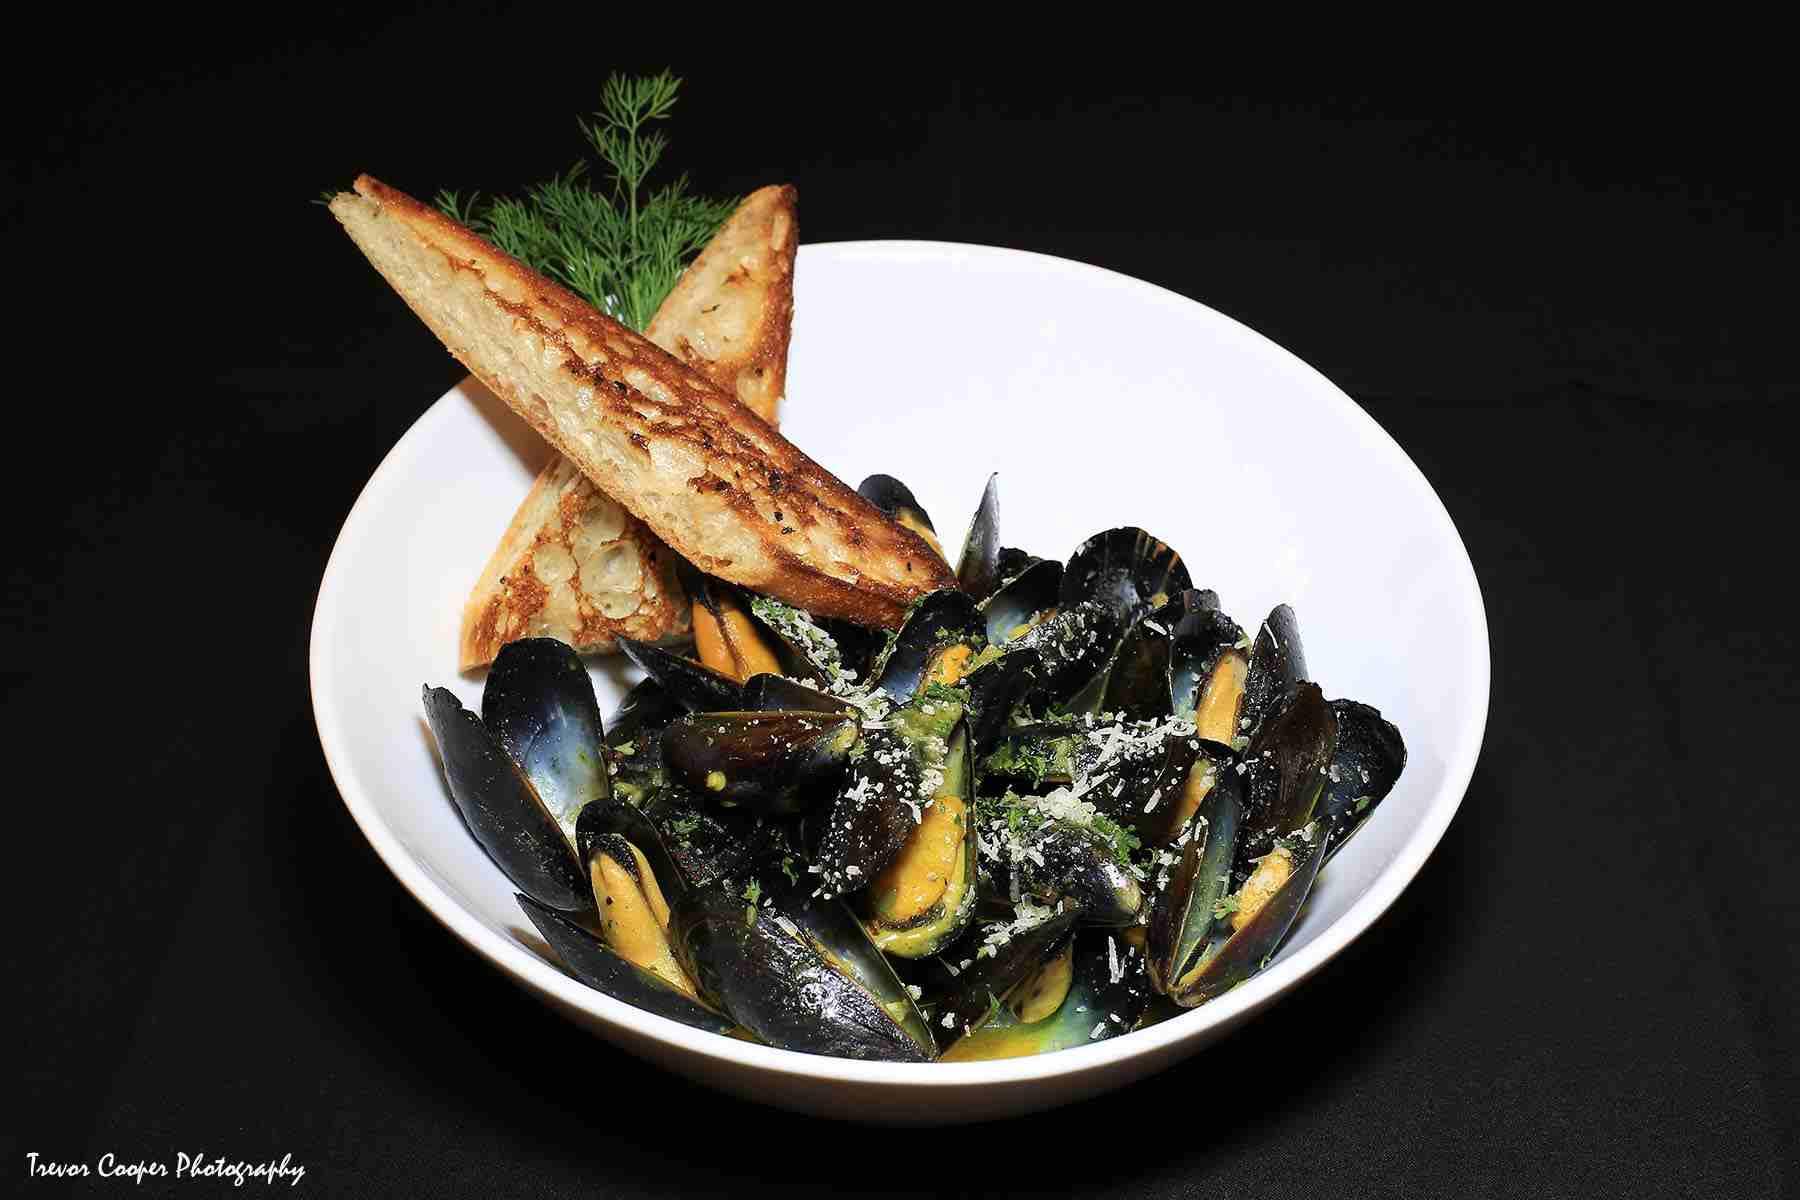 Mussels in white wine garlic